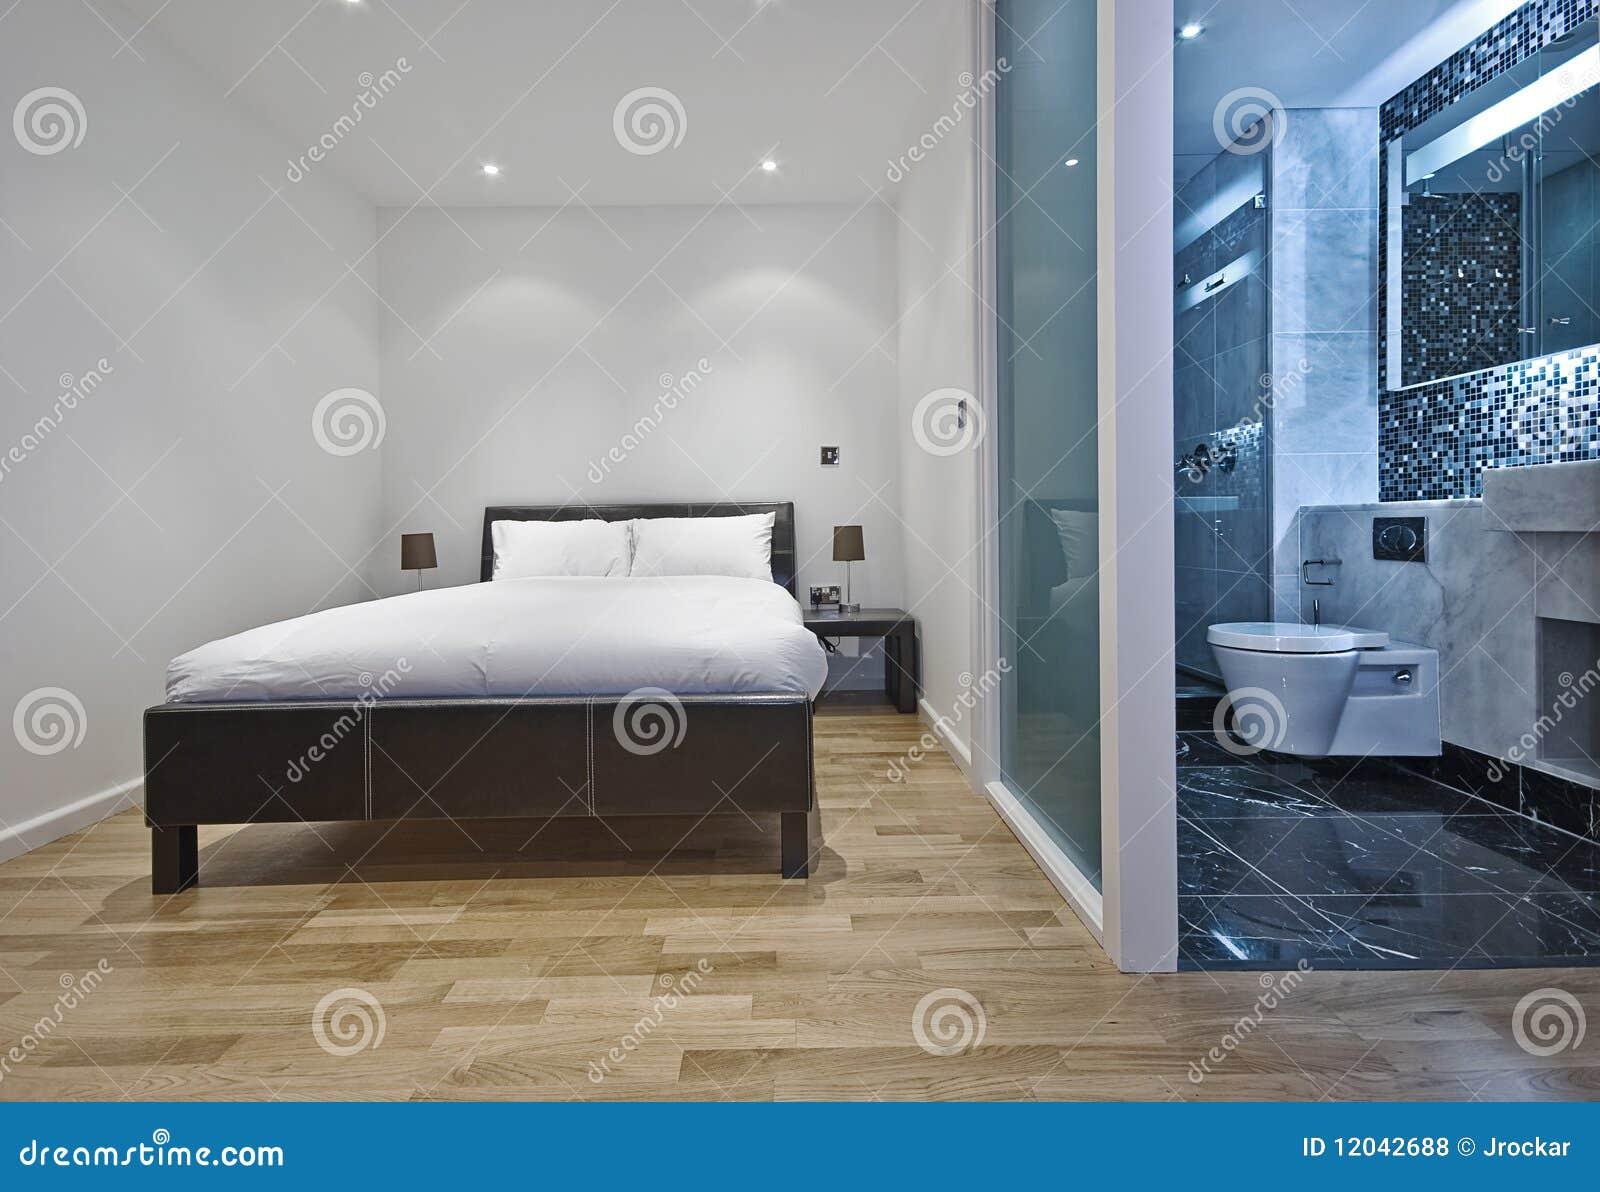 Schlafzimmer Mit Badezimmer : Schlafzimmer mit ensuite badezimmer lizenzfreie stockfotos